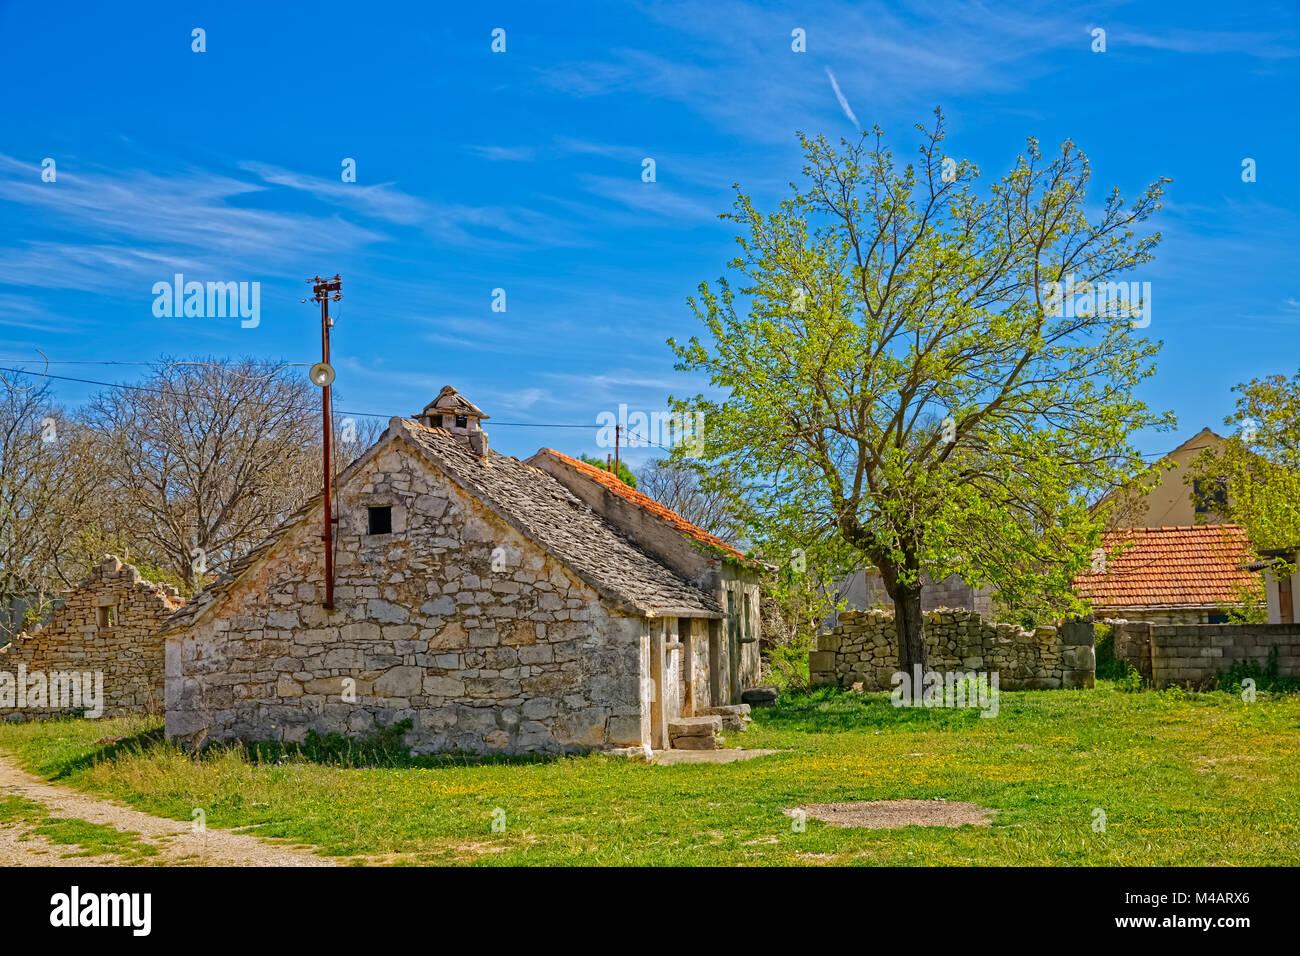 Pakovo selo village - Stock Image